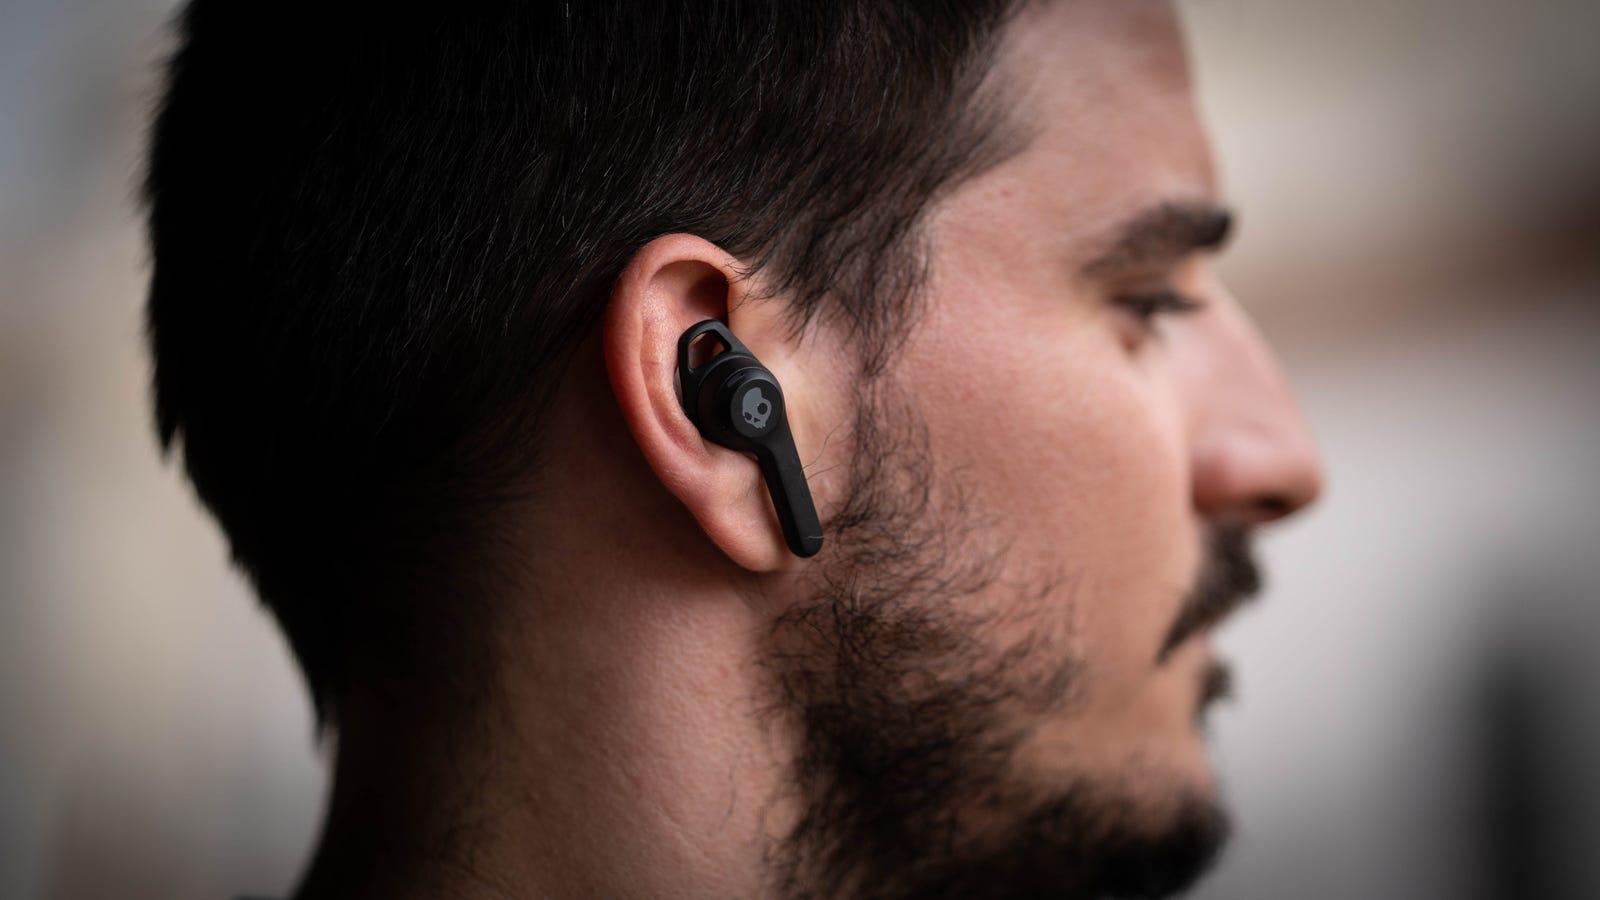 Los Indy Evo tienen una pequeña aleta para sujetarse mejor a tu oreja (si tu fisionomía lo permite)